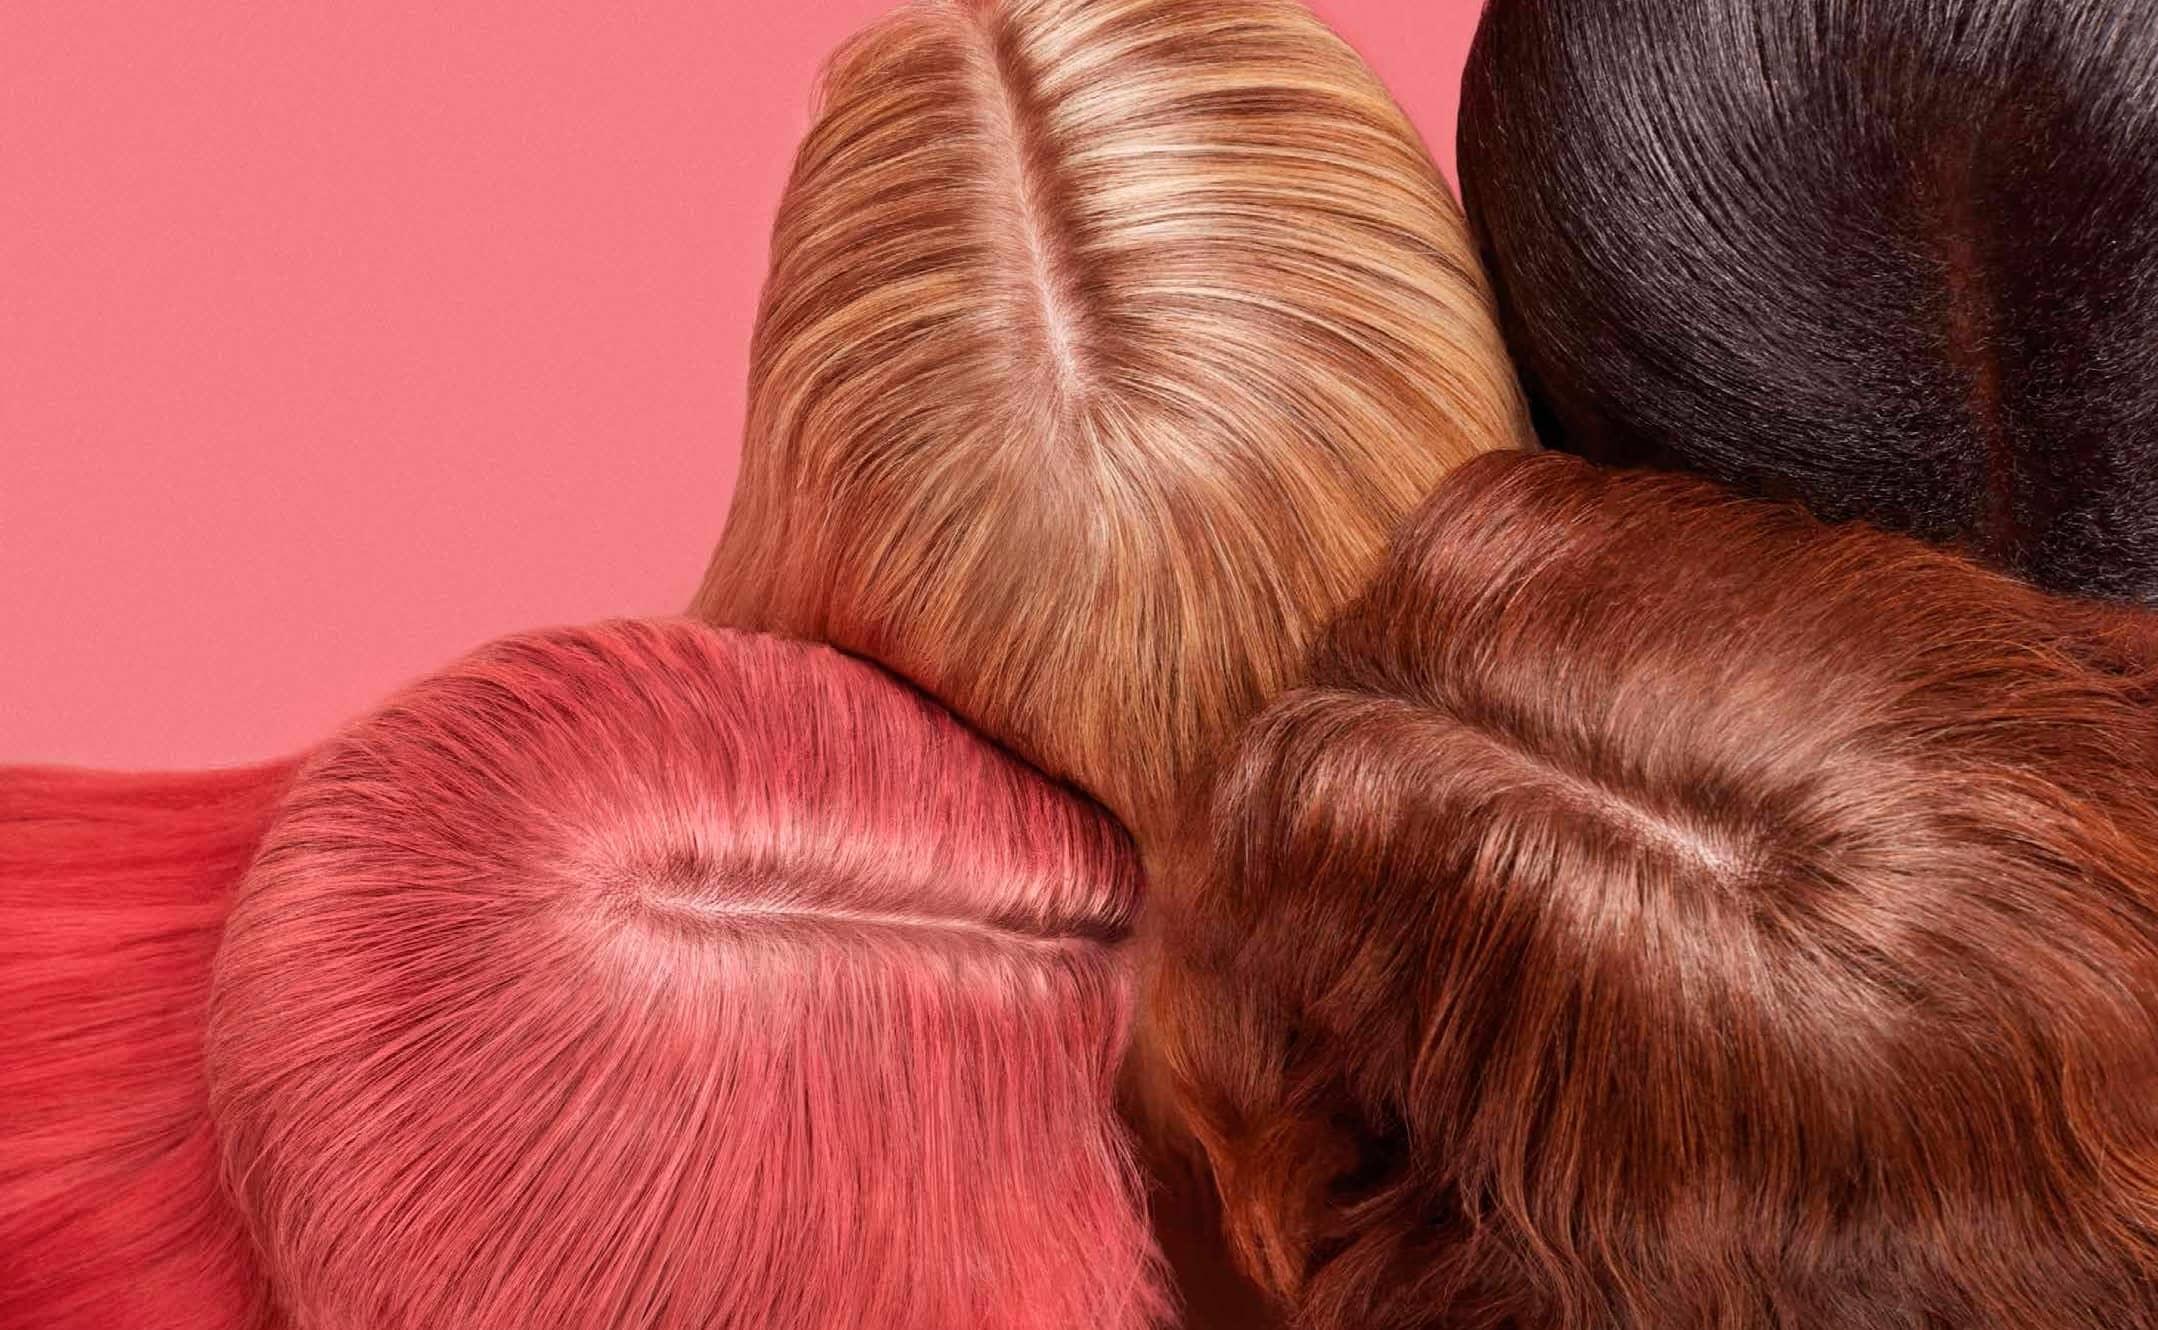 De vuel ta a tus raíces: El ABC del cuero cabelludo